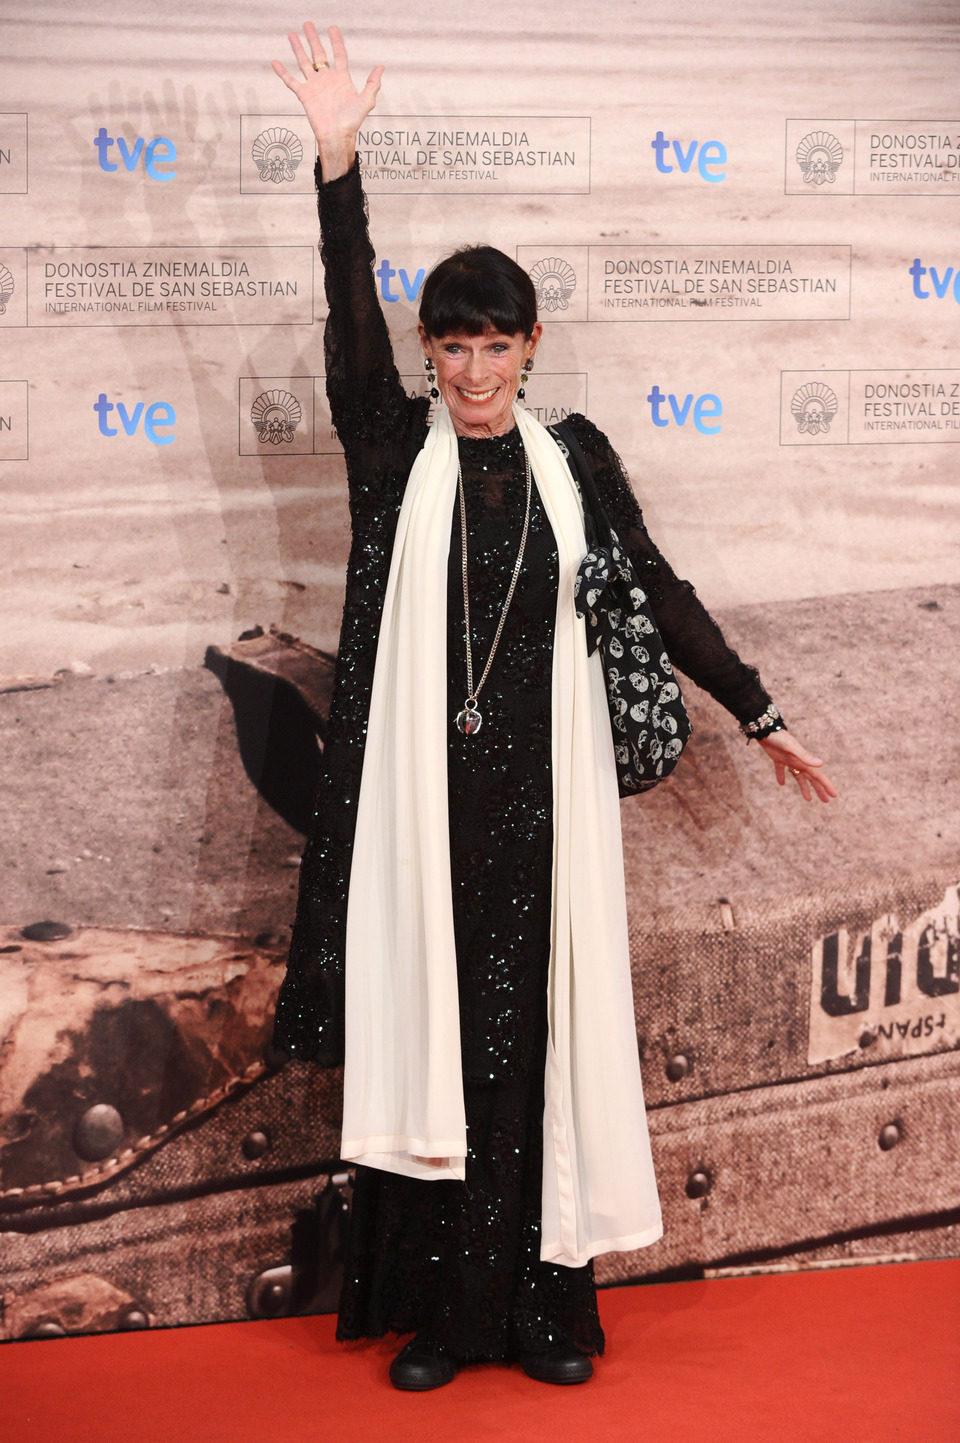 Geraldine Chaplin en la premiére de 'Americano' en San Sebastián